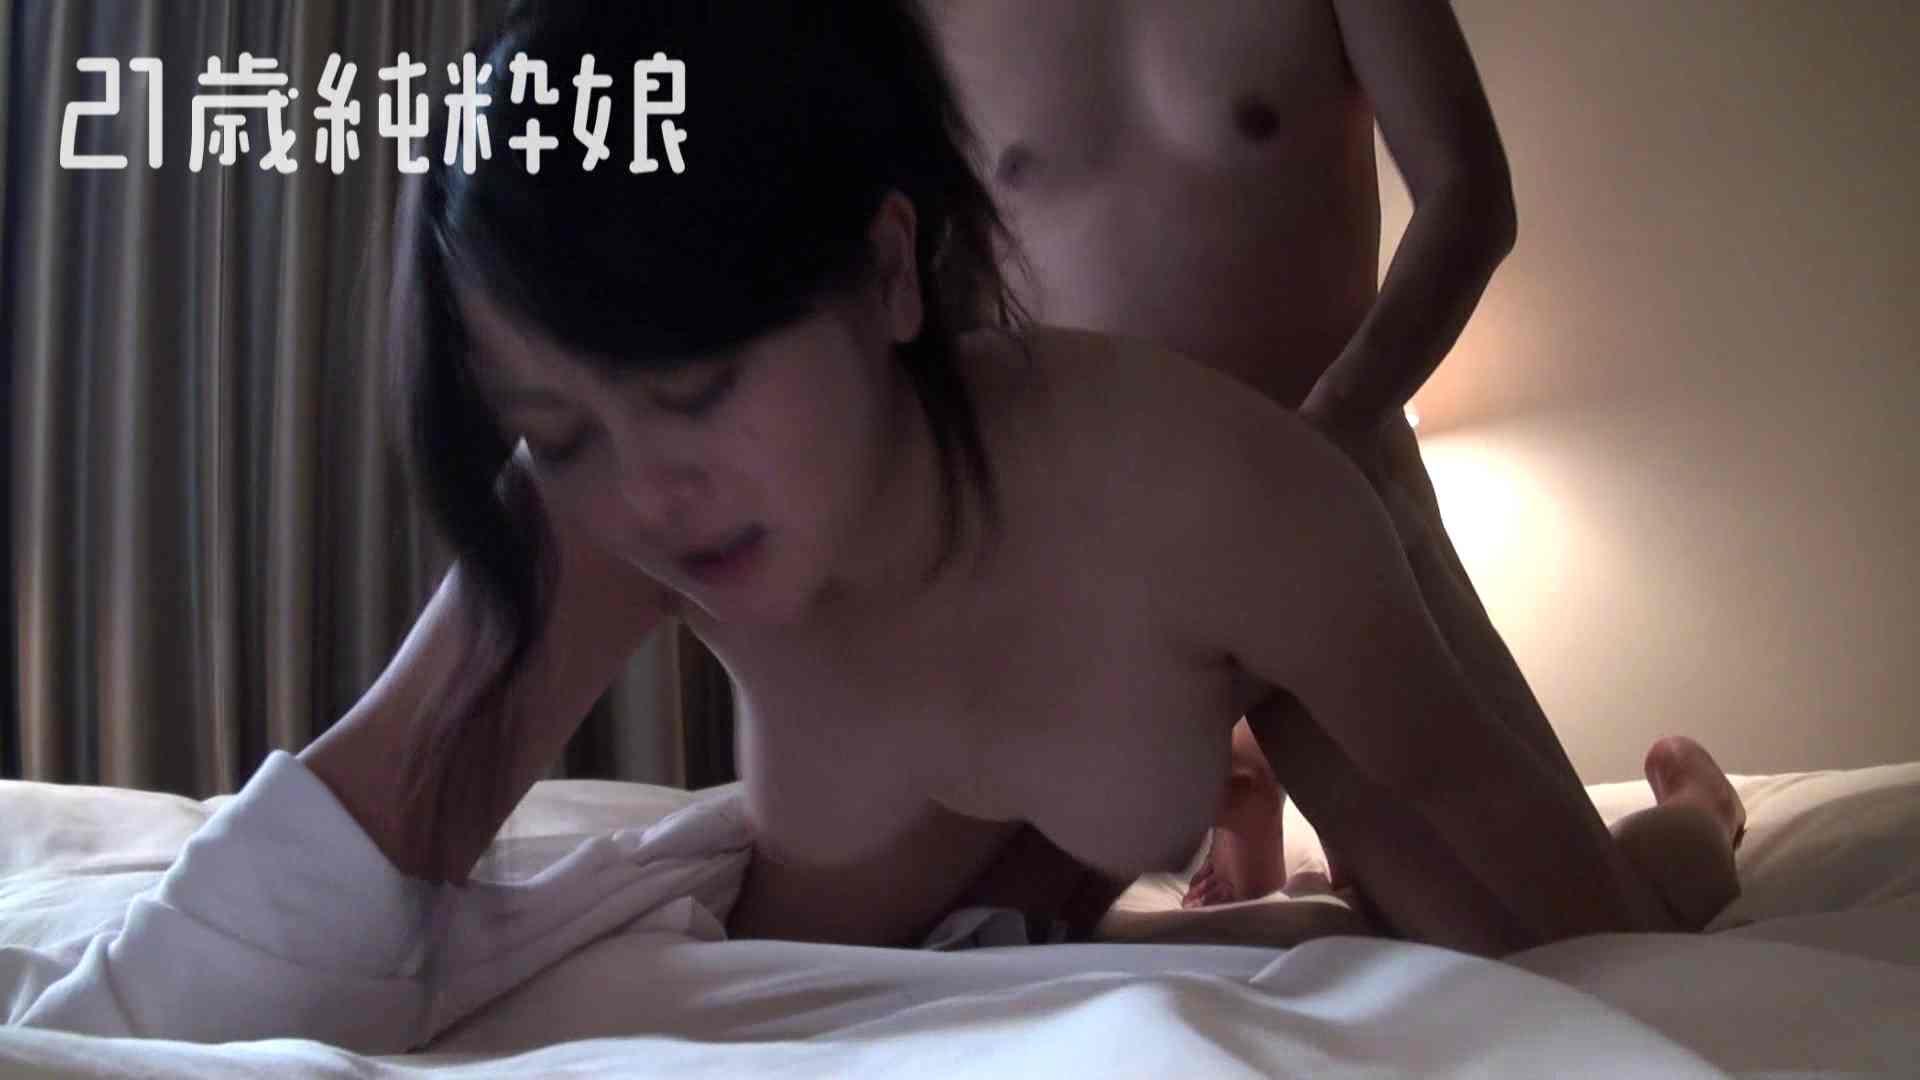 上京したばかりのGカップ21歳純粋嬢を都合の良い女にしてみた2 リアルSEX オメコ無修正動画無料 52PIX 50